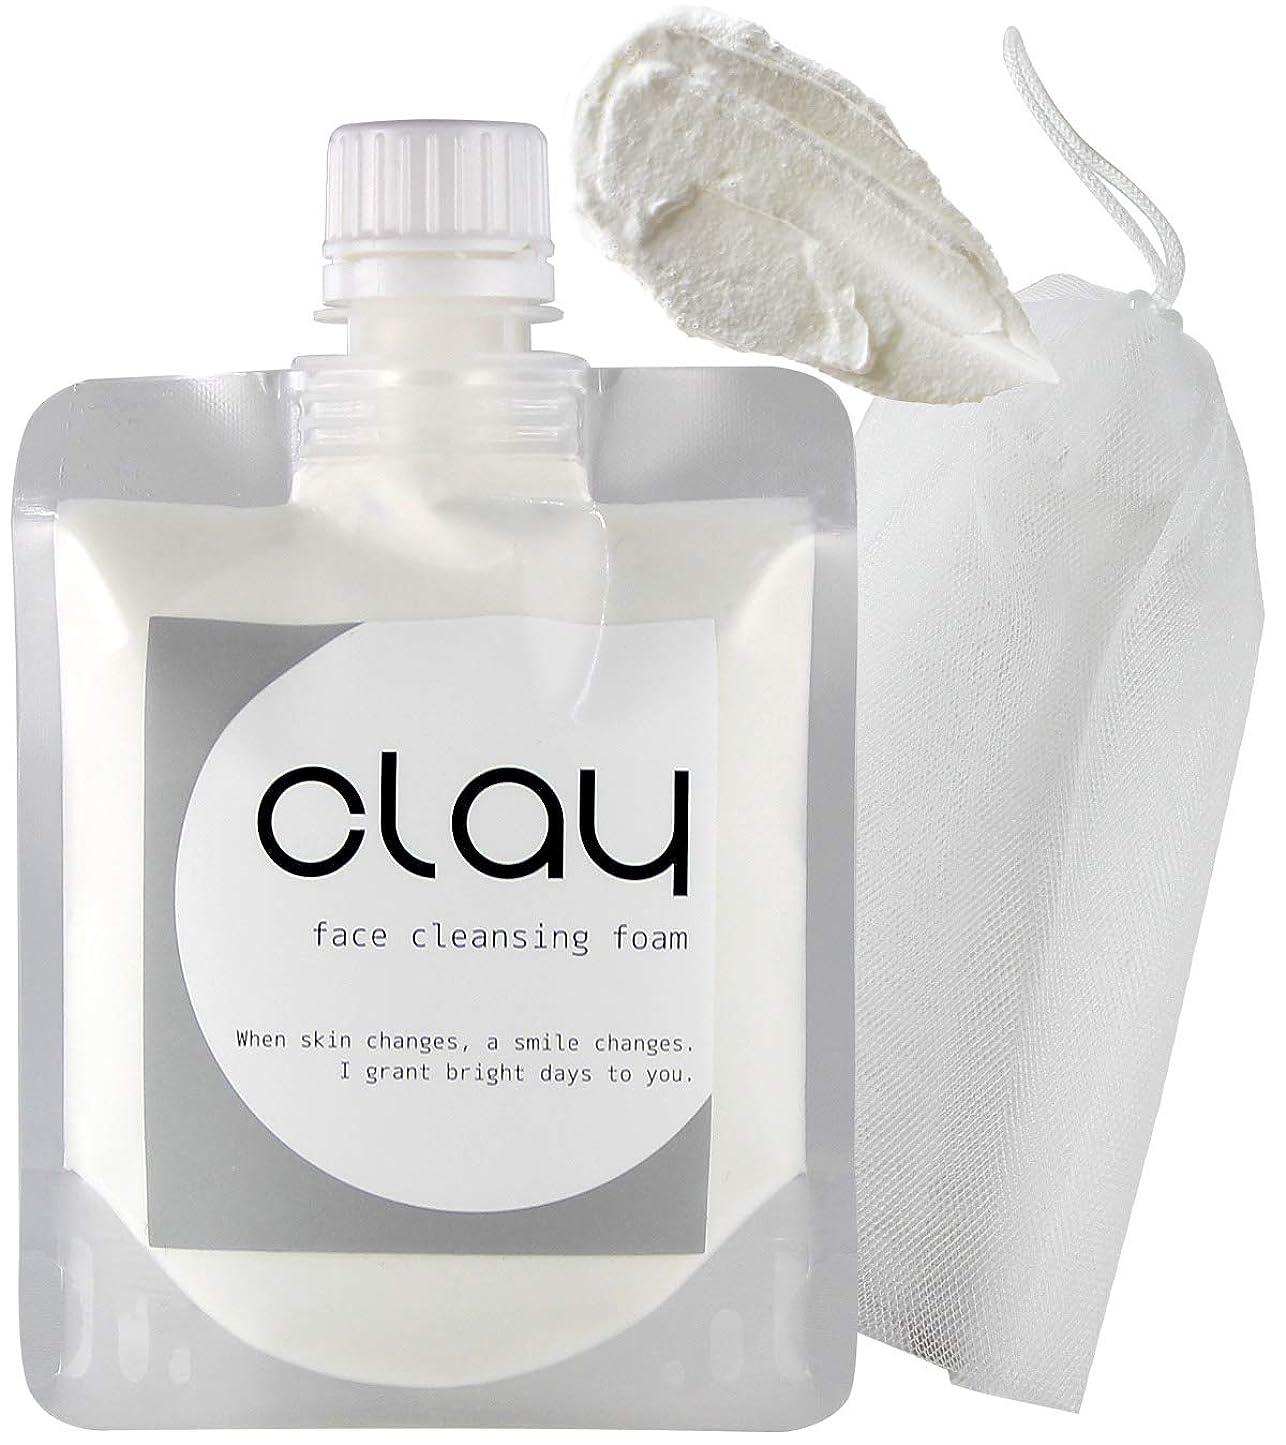 セール航空うまくやる()STAR'S クレイ 泥 洗顔 オーガニック 【 毛穴 黒ずみ 開き ザラ付き 用】「 泡 ネット 付き」 40種類の植物エキス 16種類の美容成分 9つの無添加 透明感 柔肌 130g (Clay)